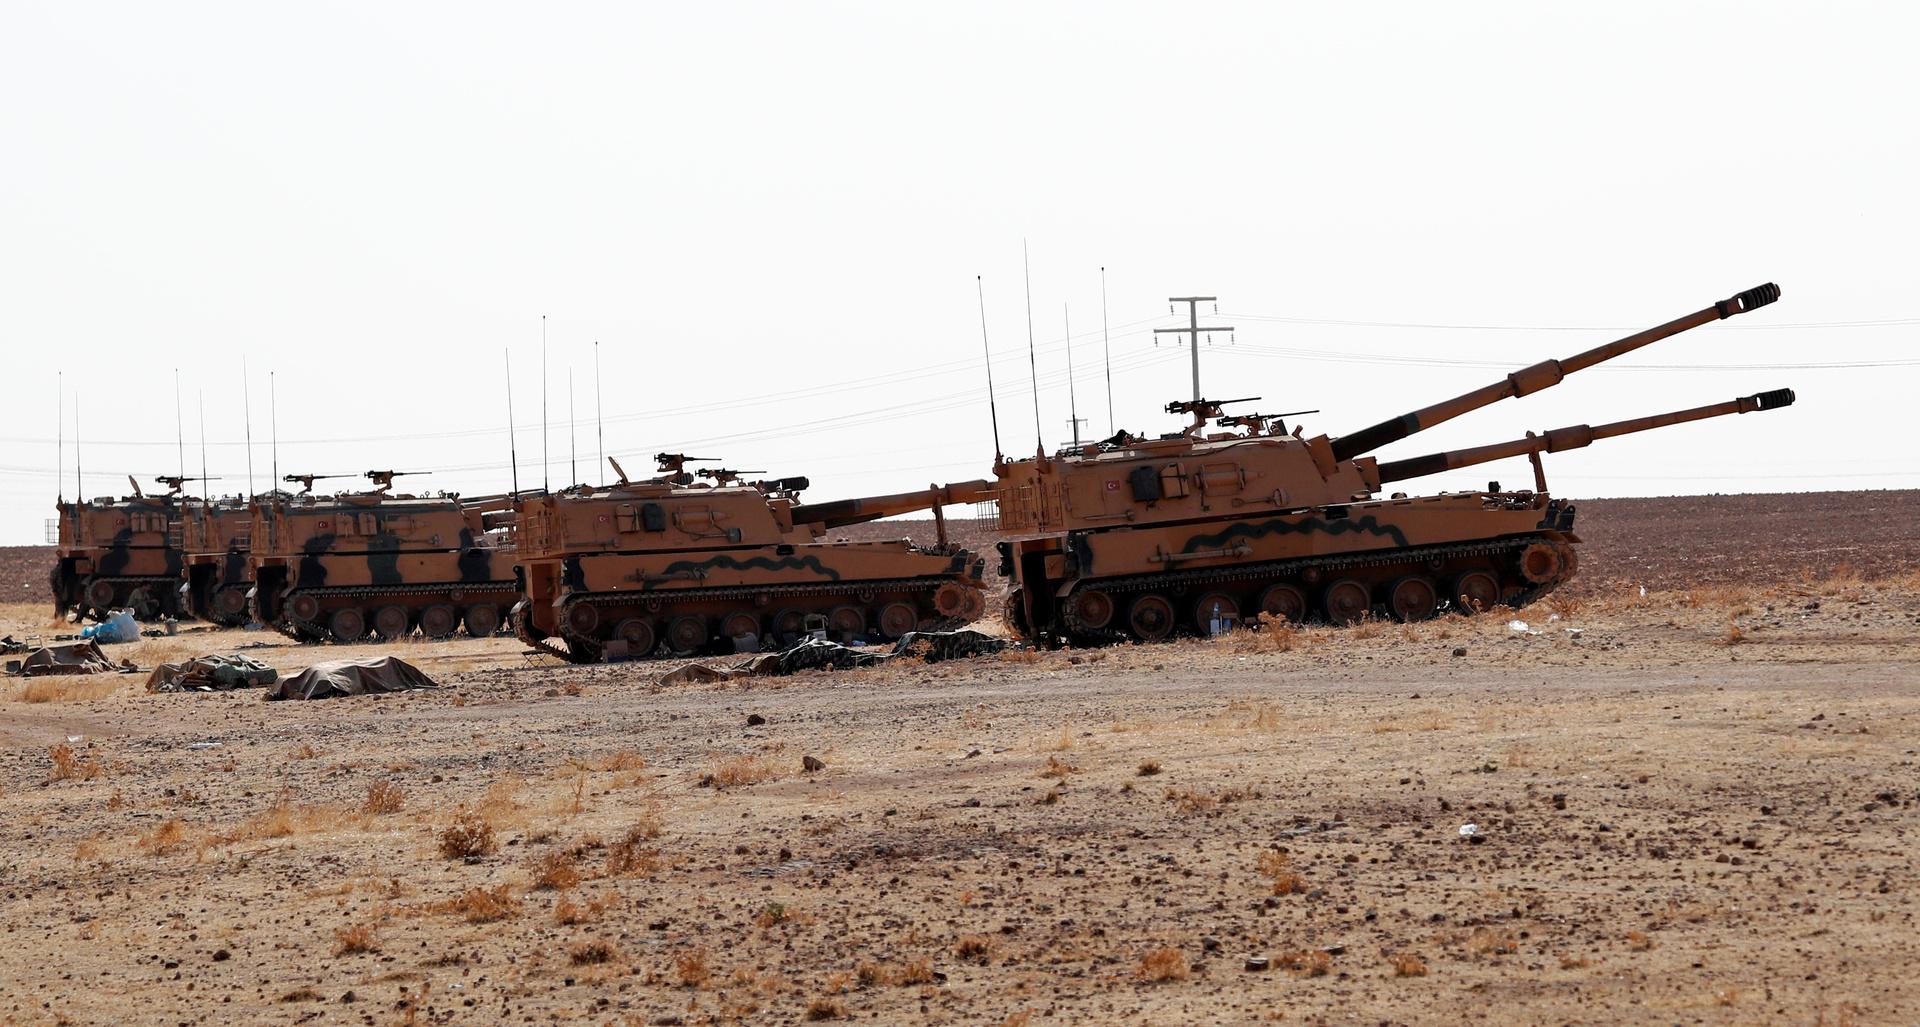 أردوغان يطهر جيشه في منتقدي الولايات المتحدة